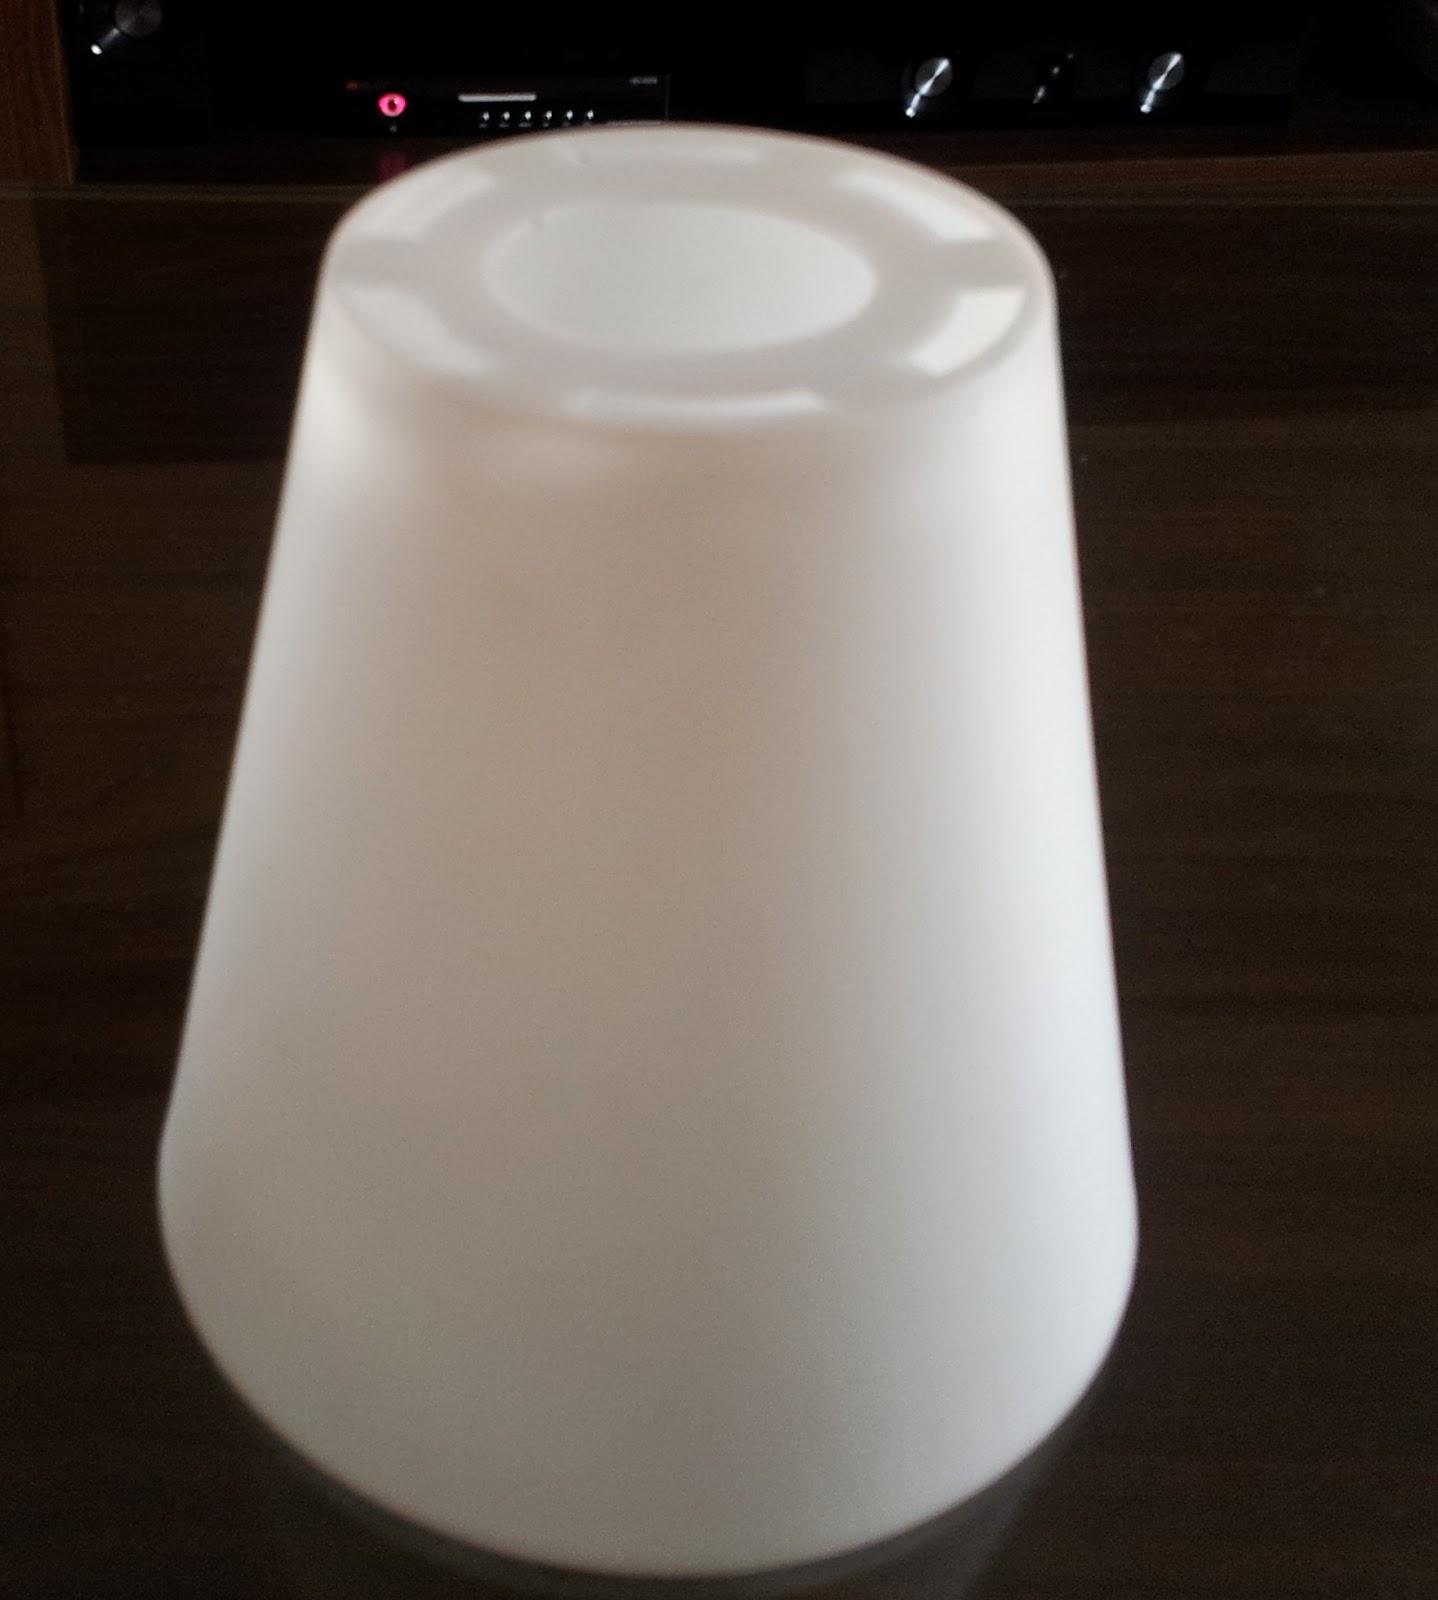 Ikea hack c mo hacer una l mpara de cocina con un bol - Crear cocina ikea ...